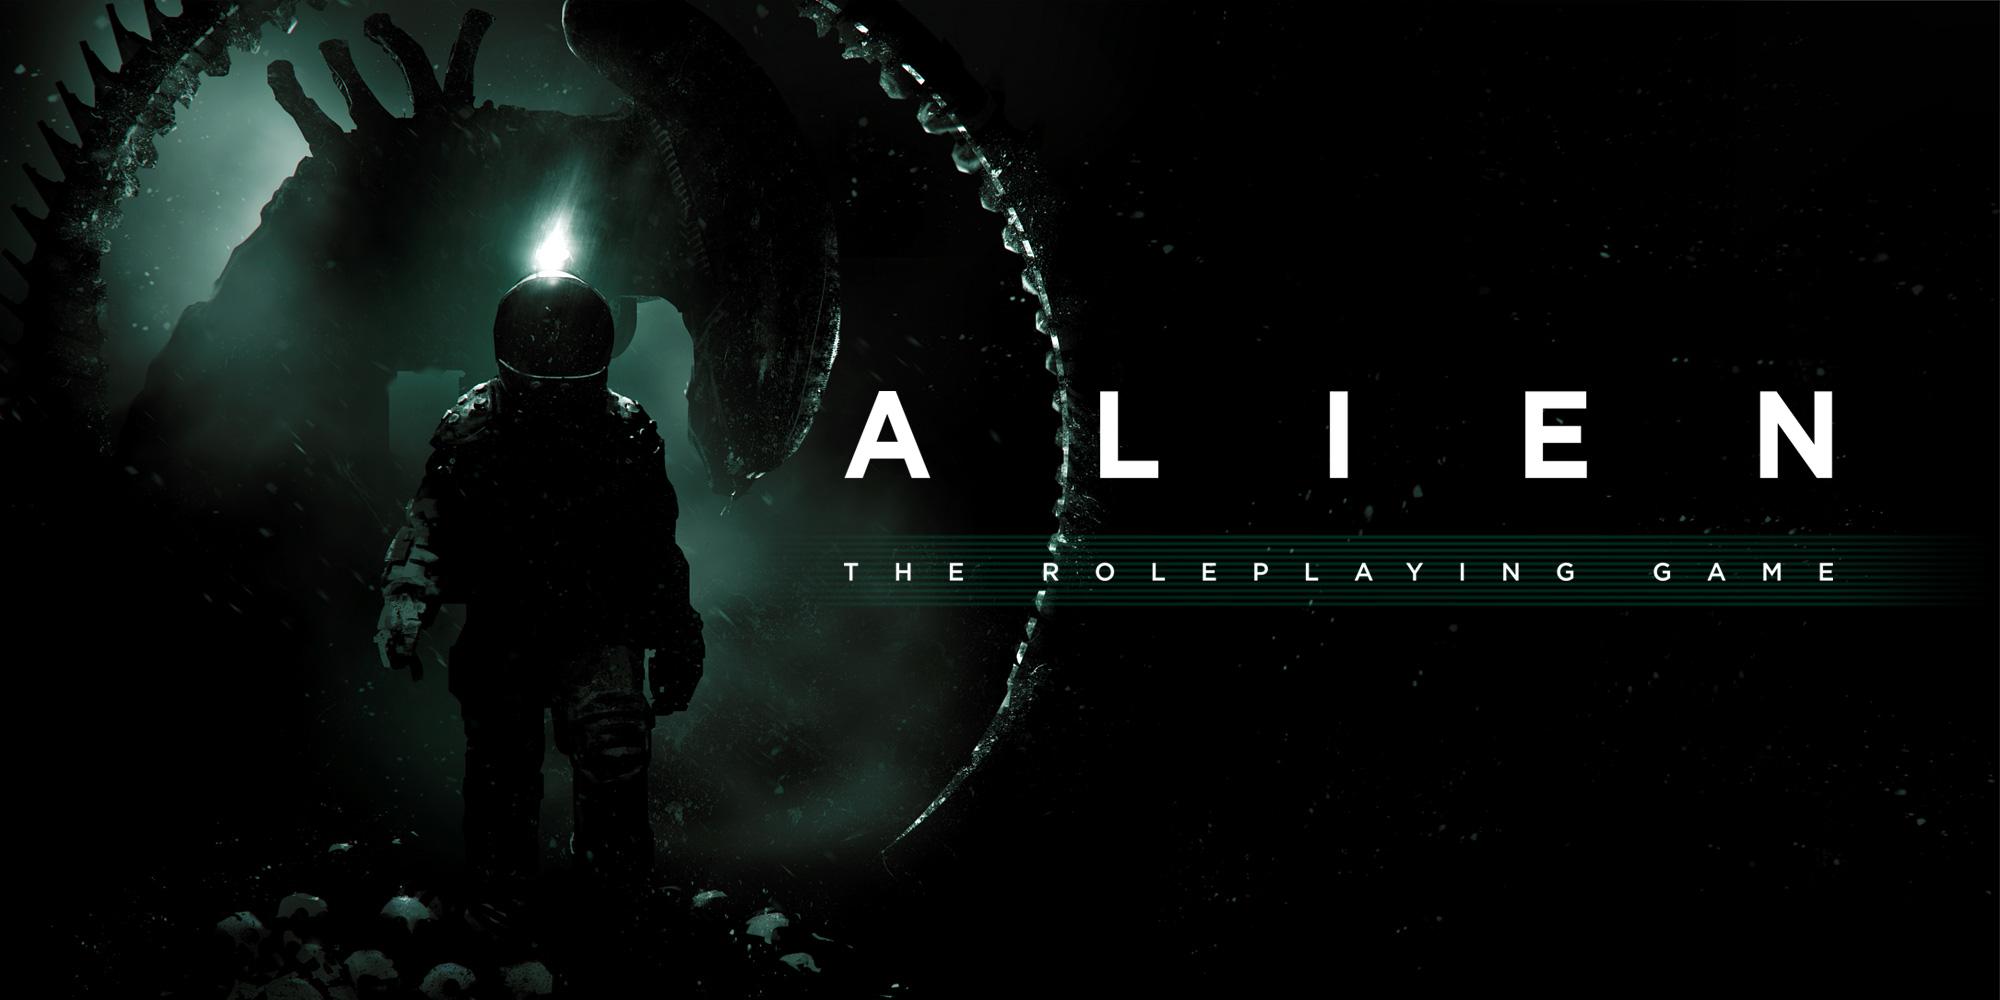 alien_banner_2000x1000-1.jpg